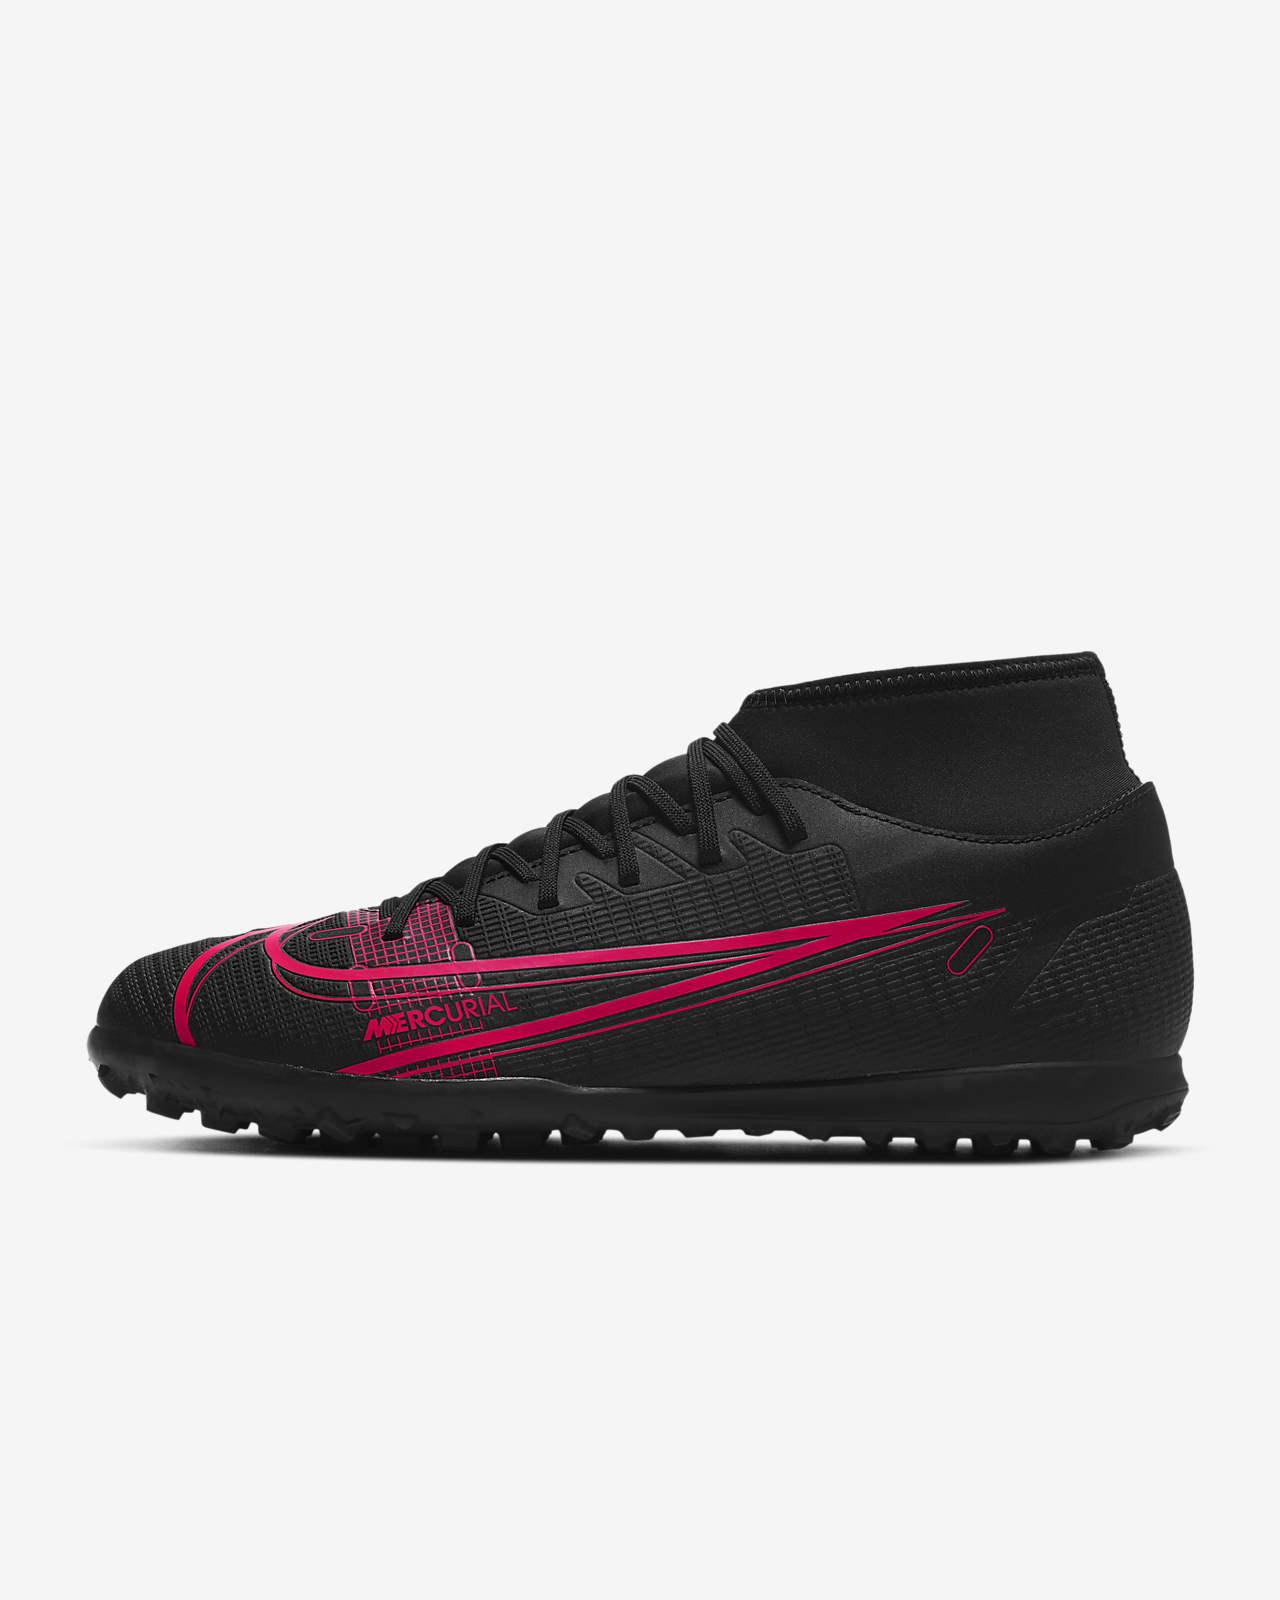 Buty piłkarskie na sztuczną nawierzchnię typu turf Nike Mercurial Superfly 8 Club TF